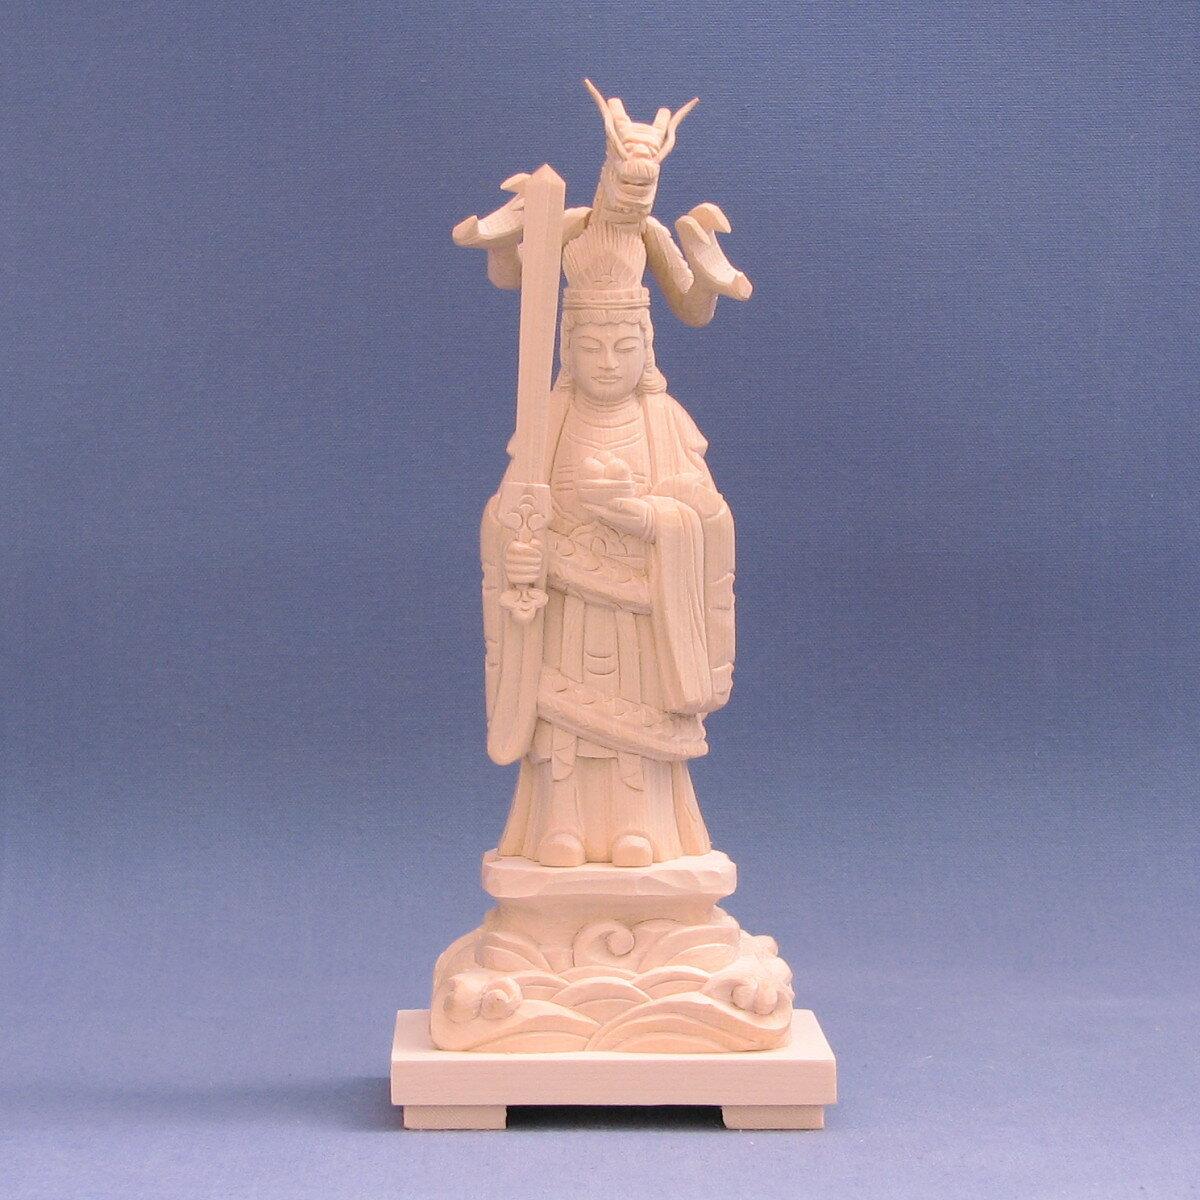 仏像 龍神(龍王)立像 総高18cm 桧木 檜 ヒノキ